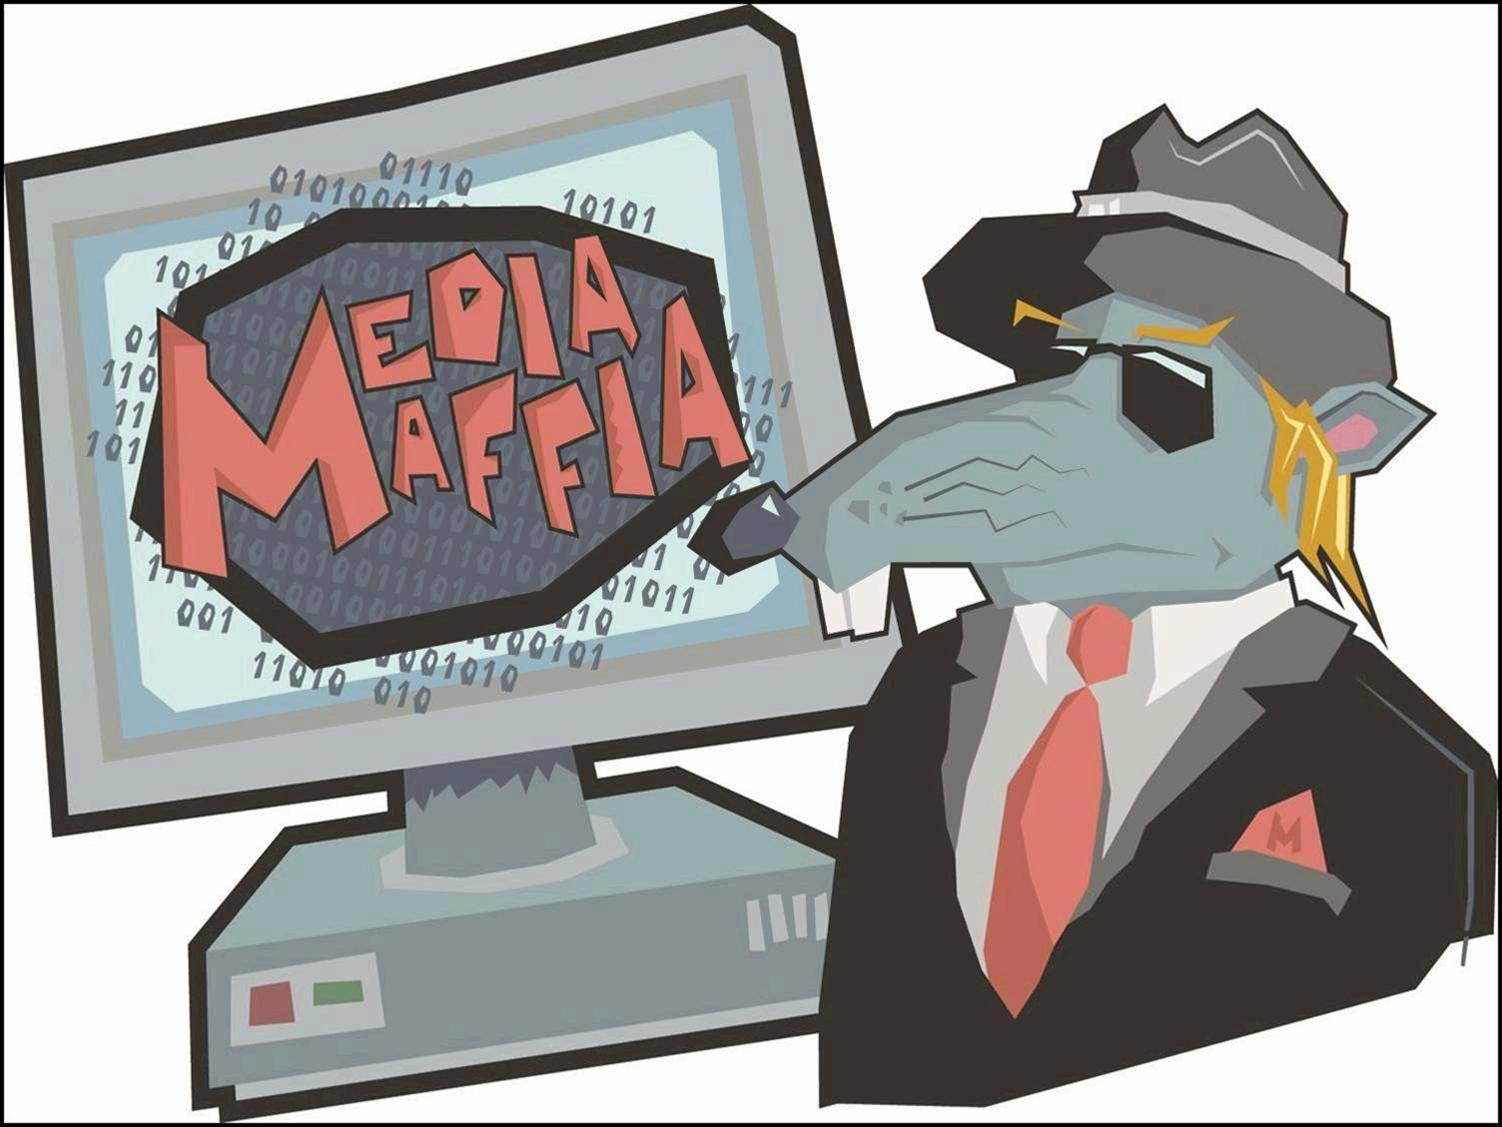 Logo Mediamaffia